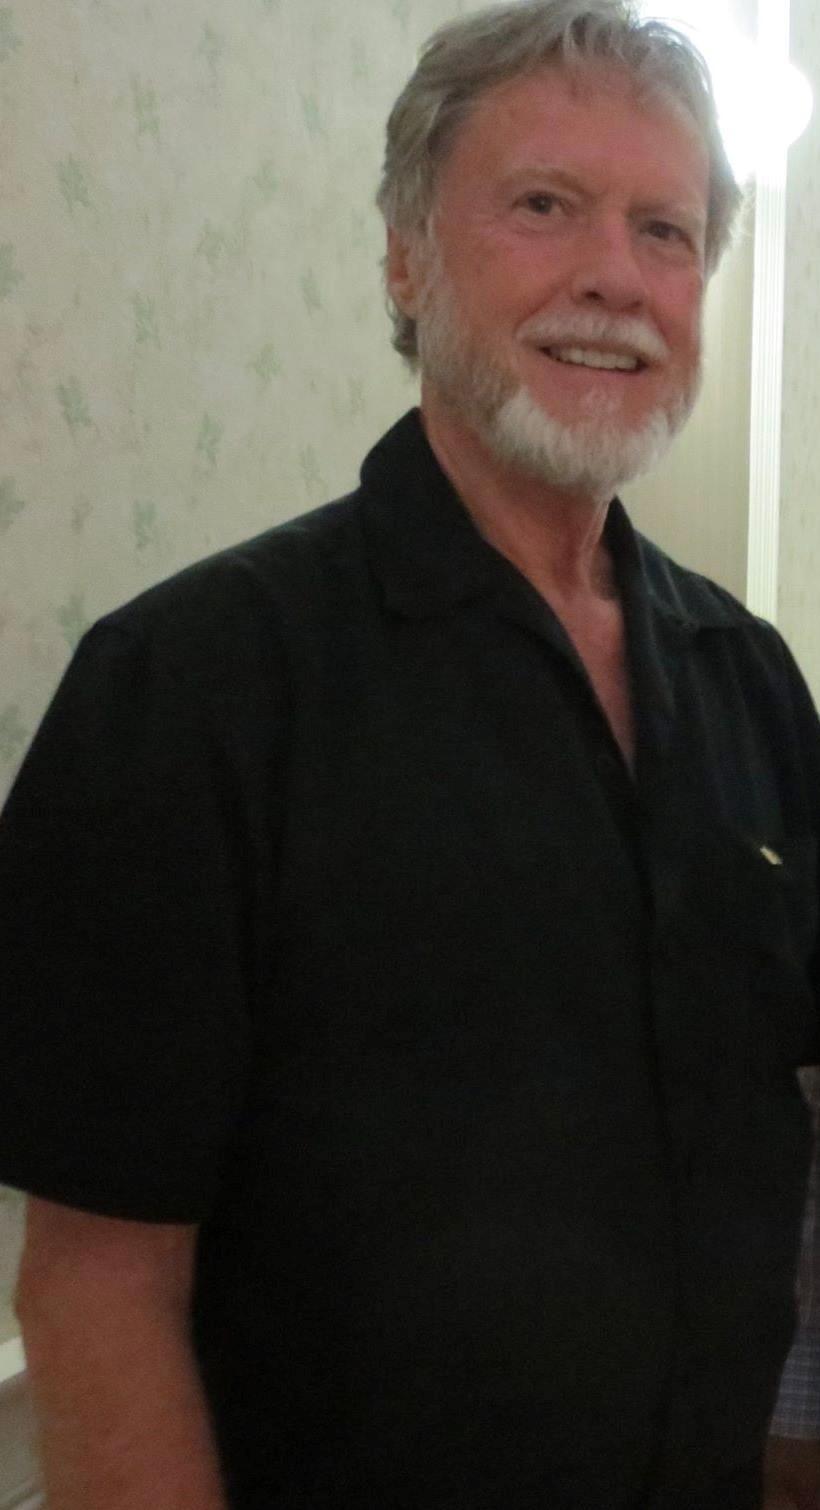 DOUG ROBERTSON & FRIENDS  at HANK'S CHUCKWAGON BBQ & SHOW AUGUST 4, 2021